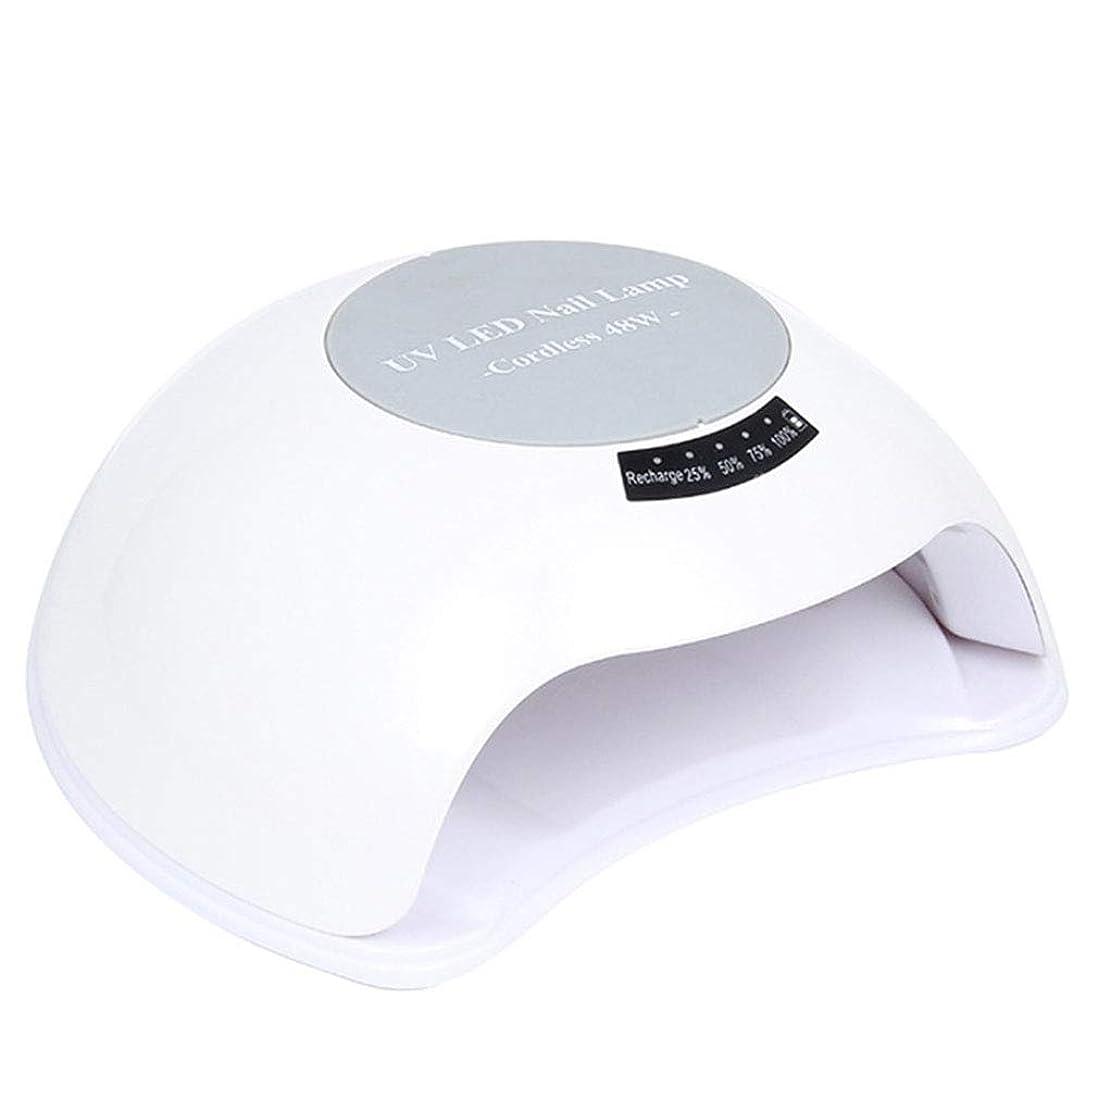 対読書をする修理工ジェルネイル用UVランプ、48Wネイルドライヤーセンサー90sタイマー付きネイル用UV / LEDランプ、すべてのジェルに適した取り外し可能な磁性プレート,White